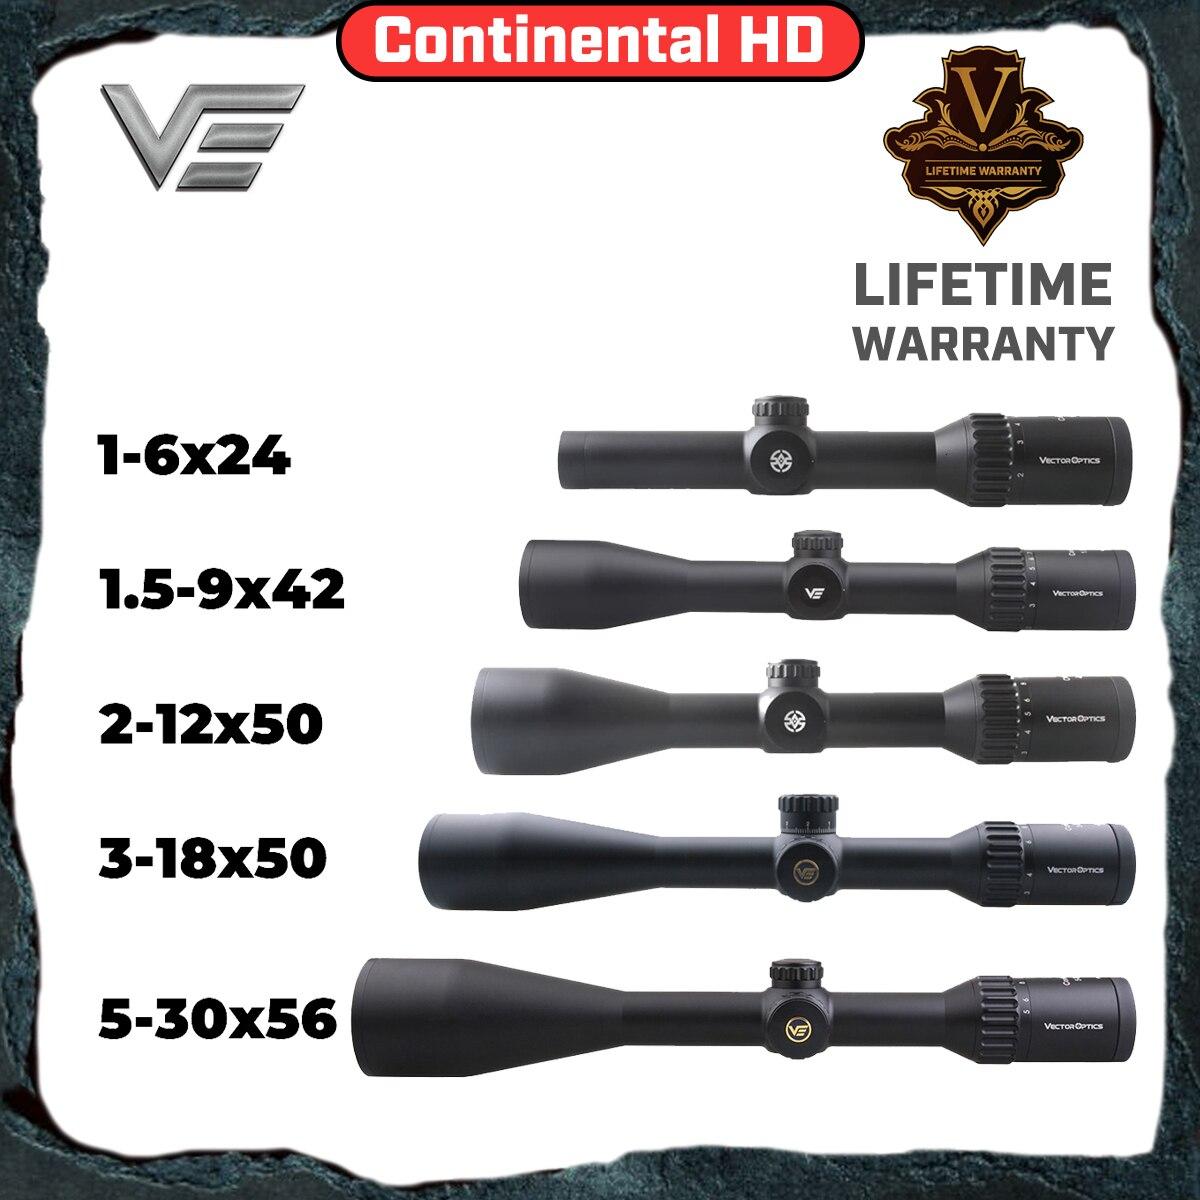 Vecteur optique Continental HD haut lunette de visée système allemand fusil portée principalement pour la chasse 1-6x24 2-12x50 1.5-9x42 3-18x50 5-30x56